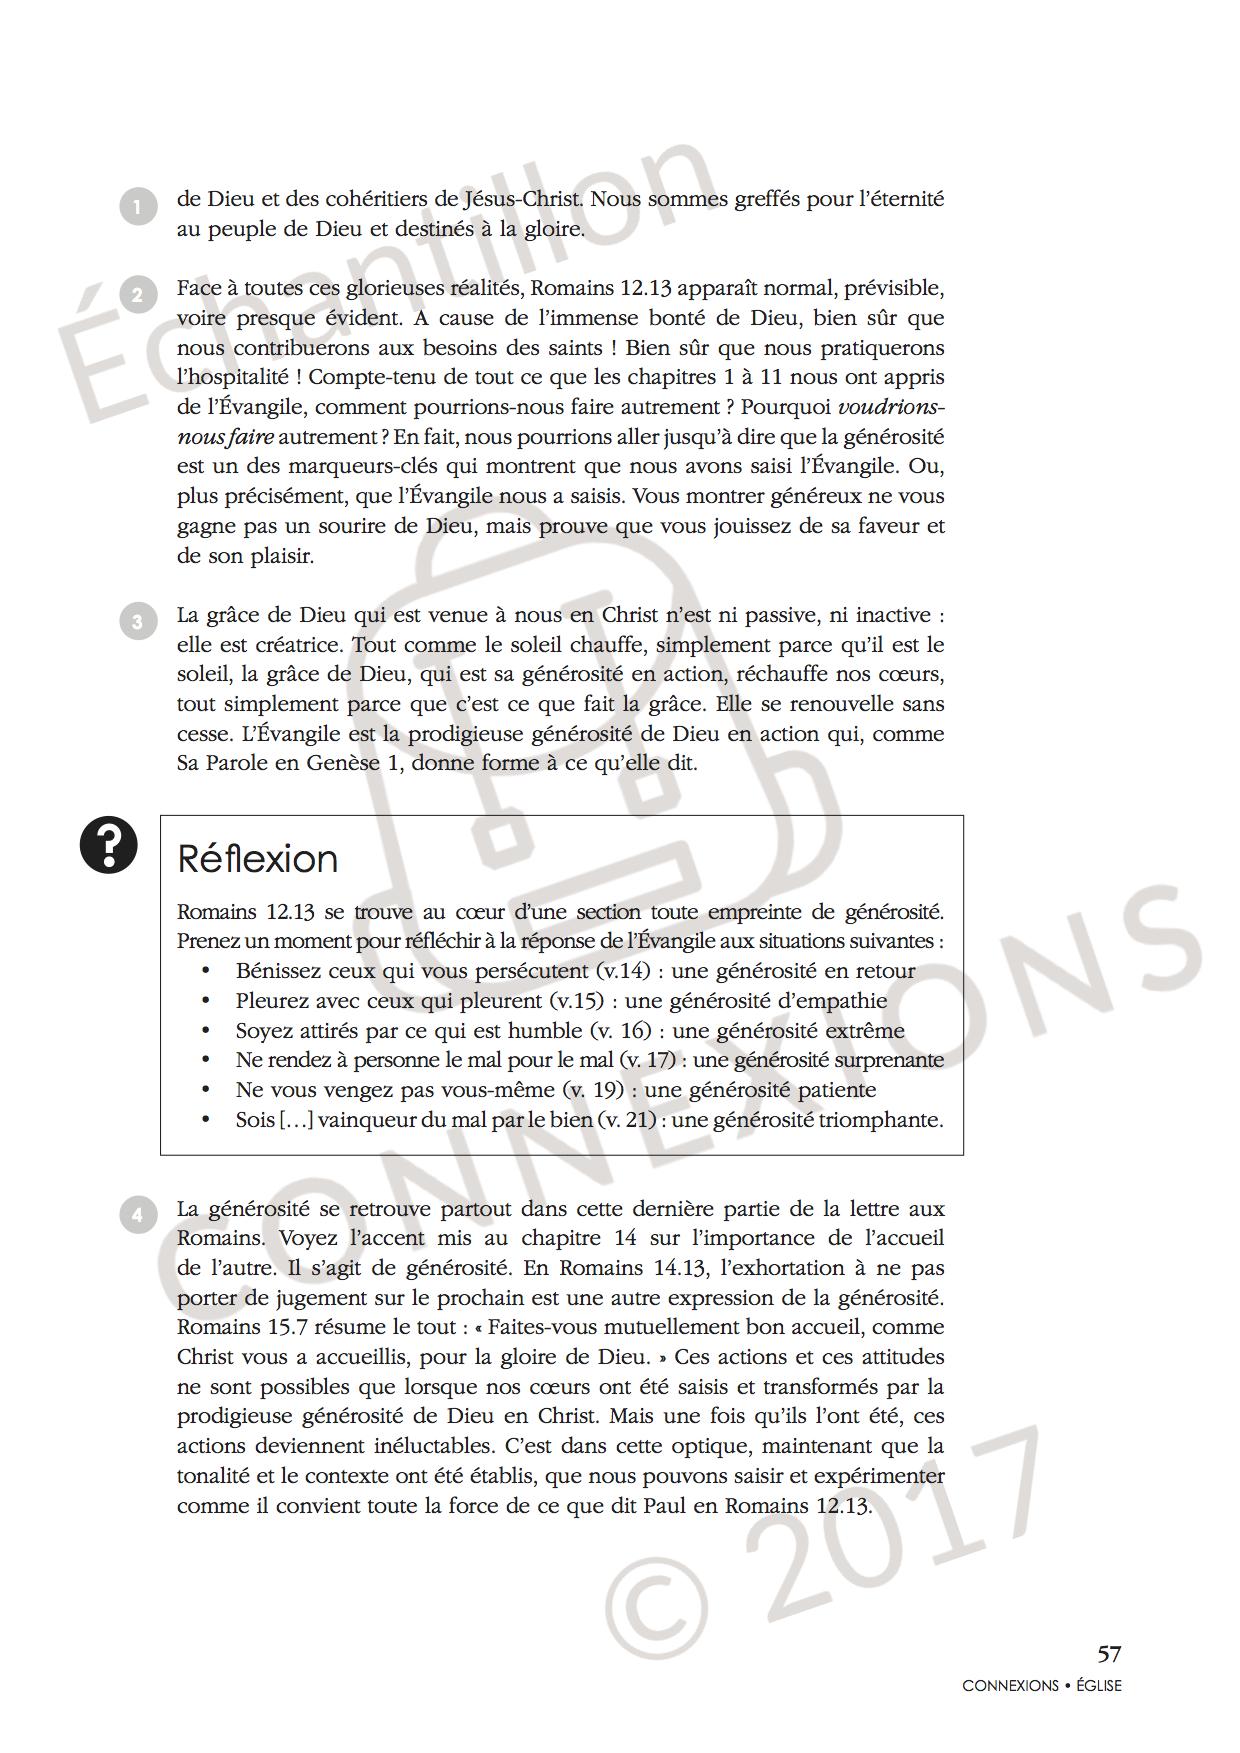 L'Évangile au cœur de la communauté_sample_published.5.png